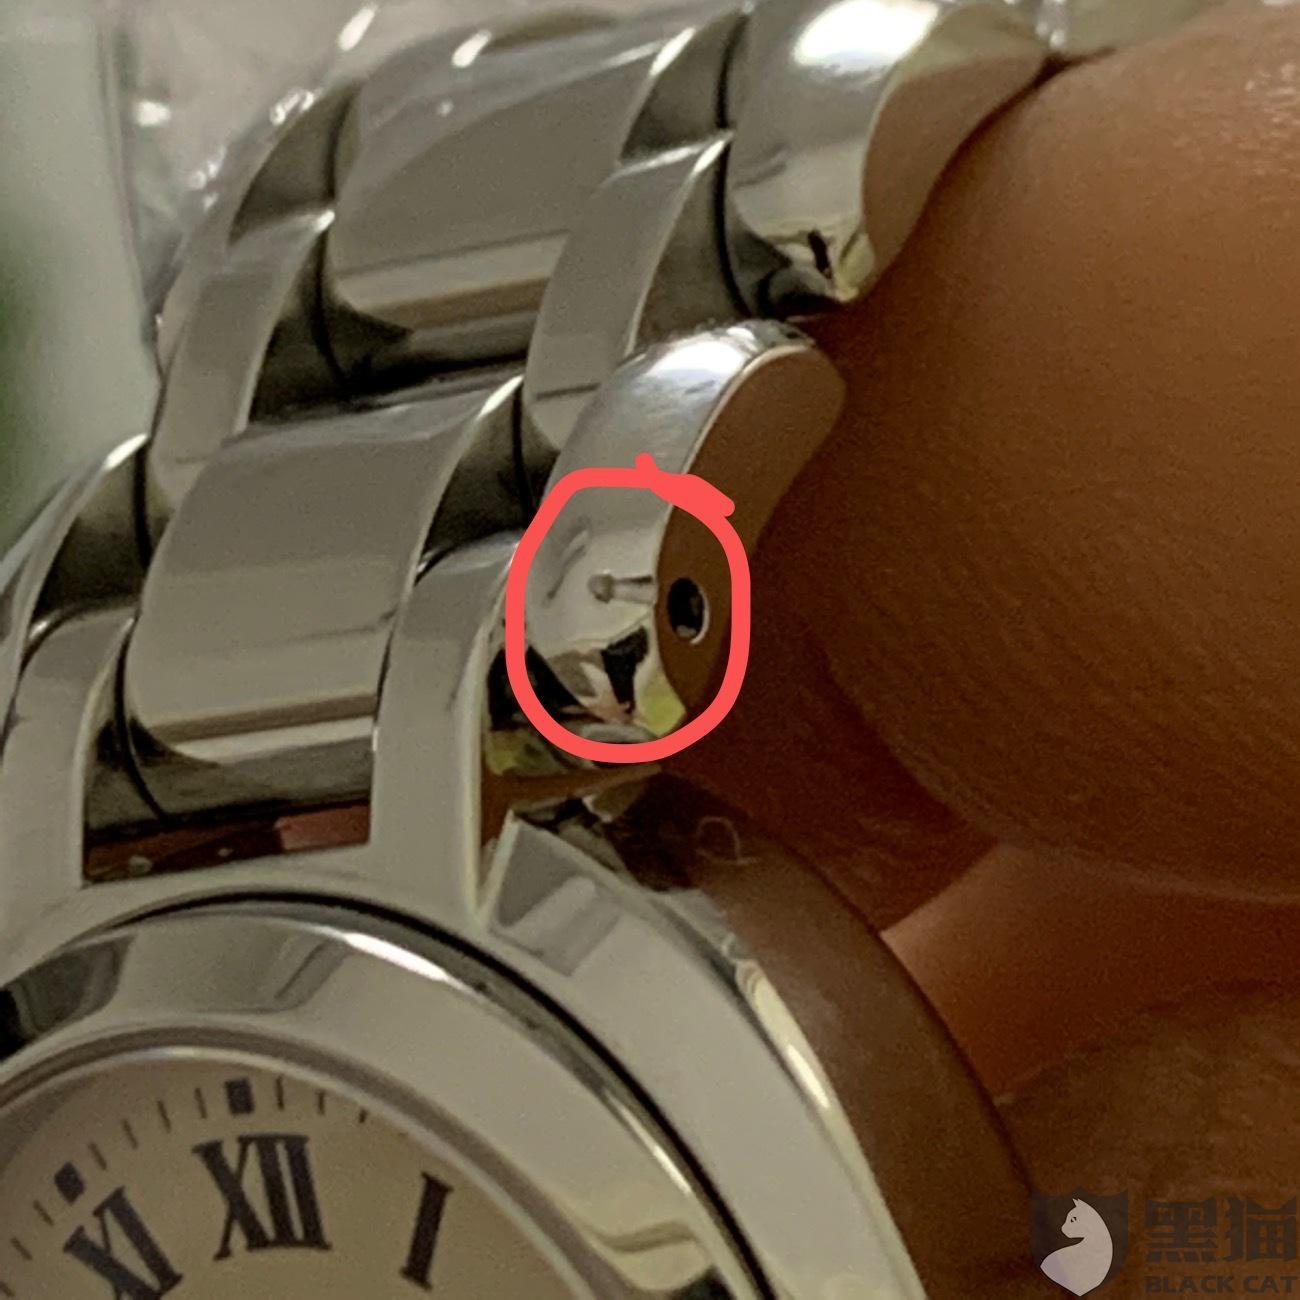 黑猫投诉:手表质量问题,办理退款